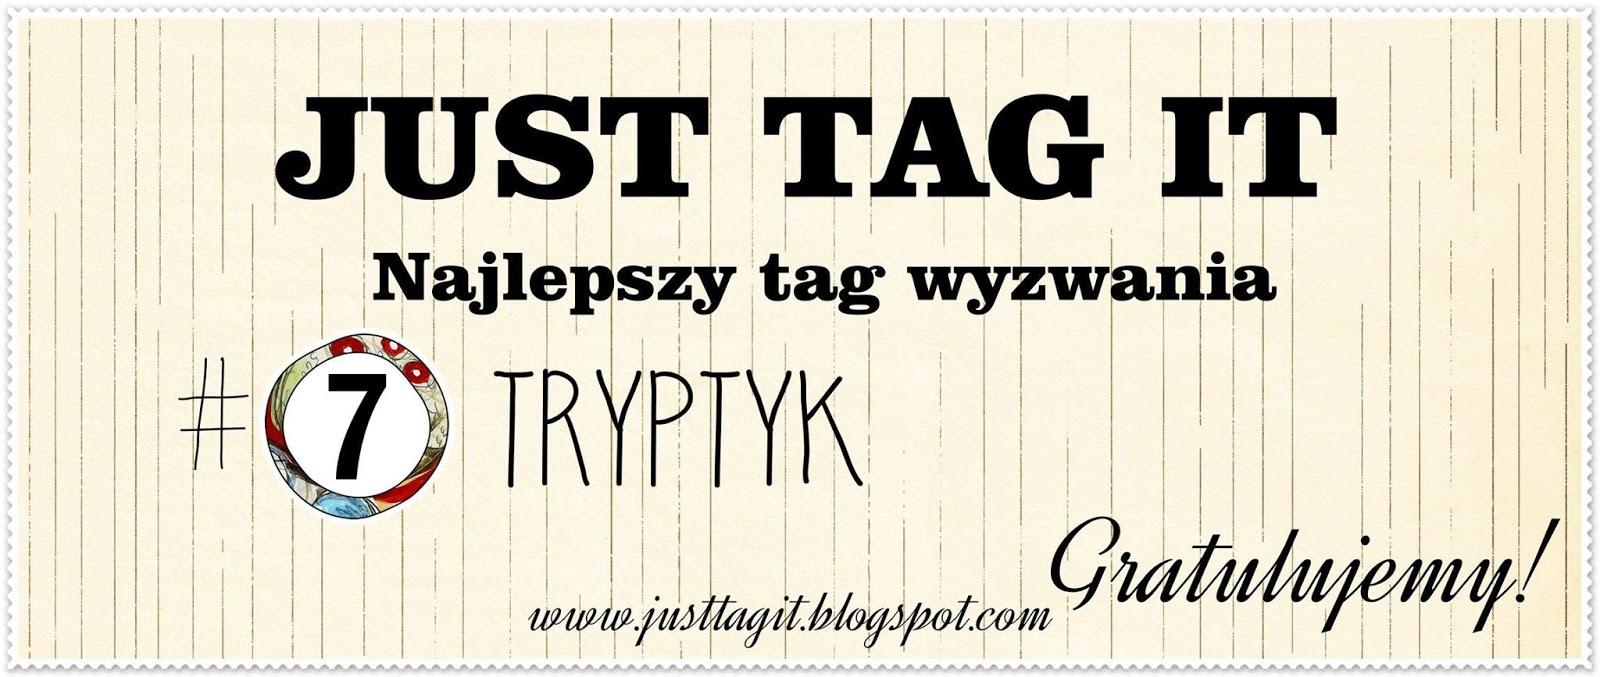 Wyróżnienie w Just tag it!